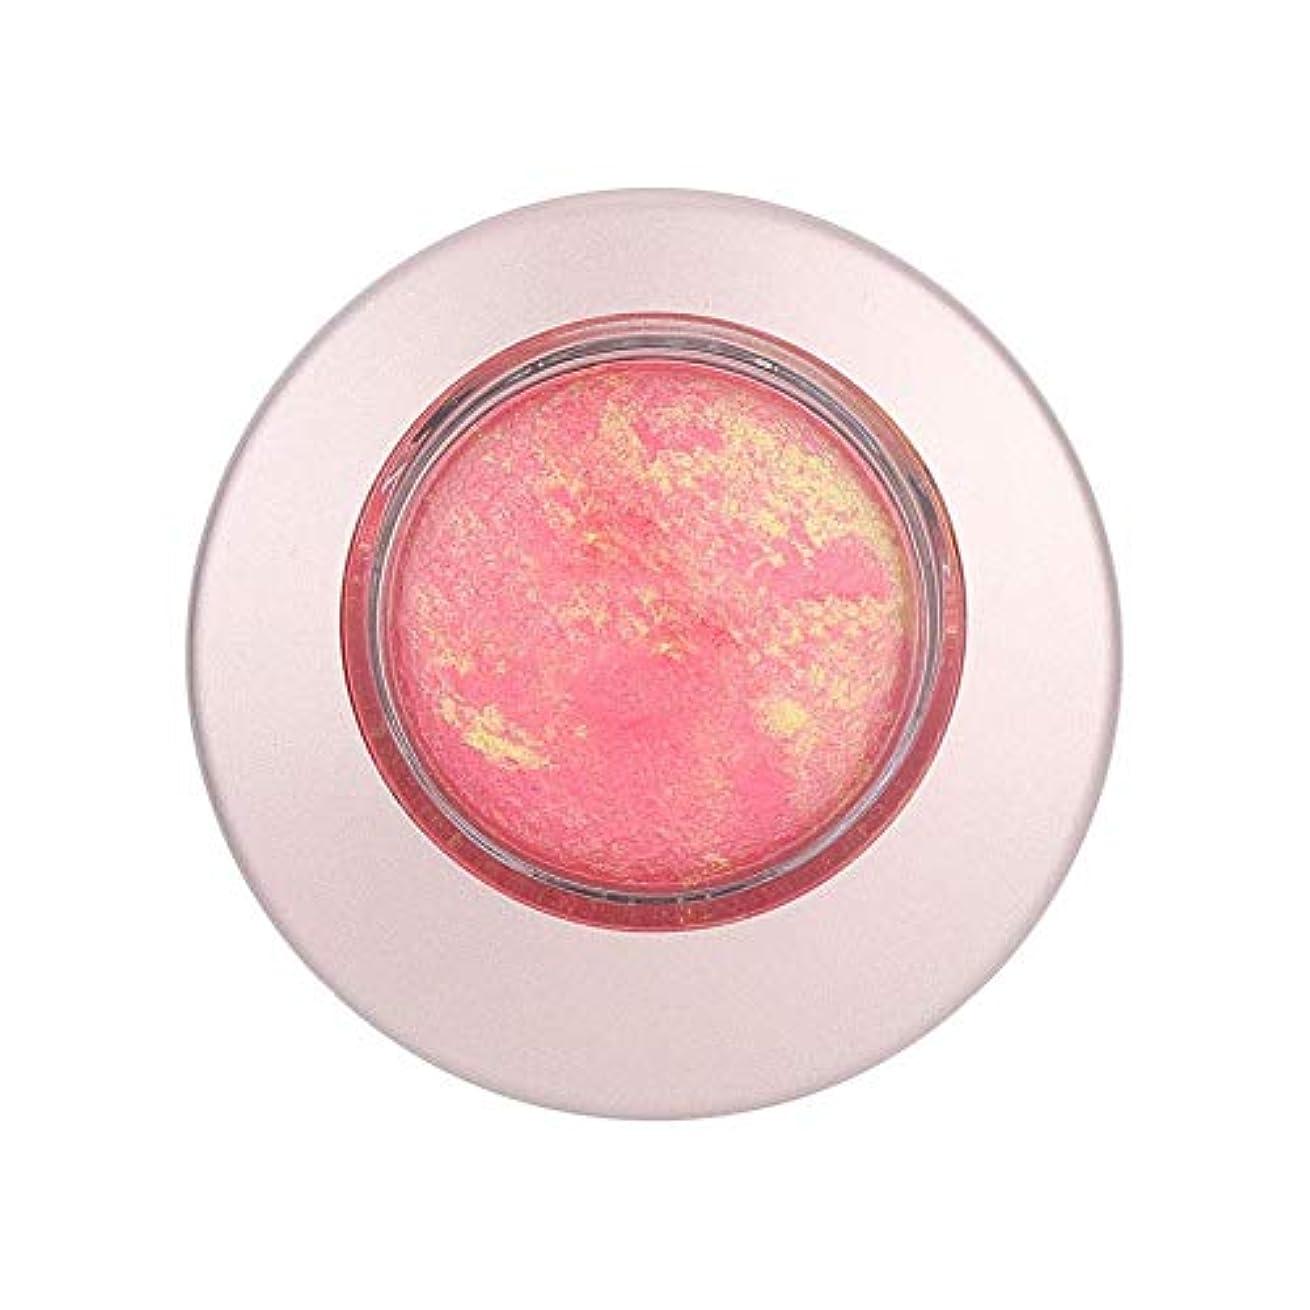 小屋ギャンブルプラットフォーム10g 長続きがする 単一色のほお紅の保湿の明るくなる赤面の粉の表面構造(808)